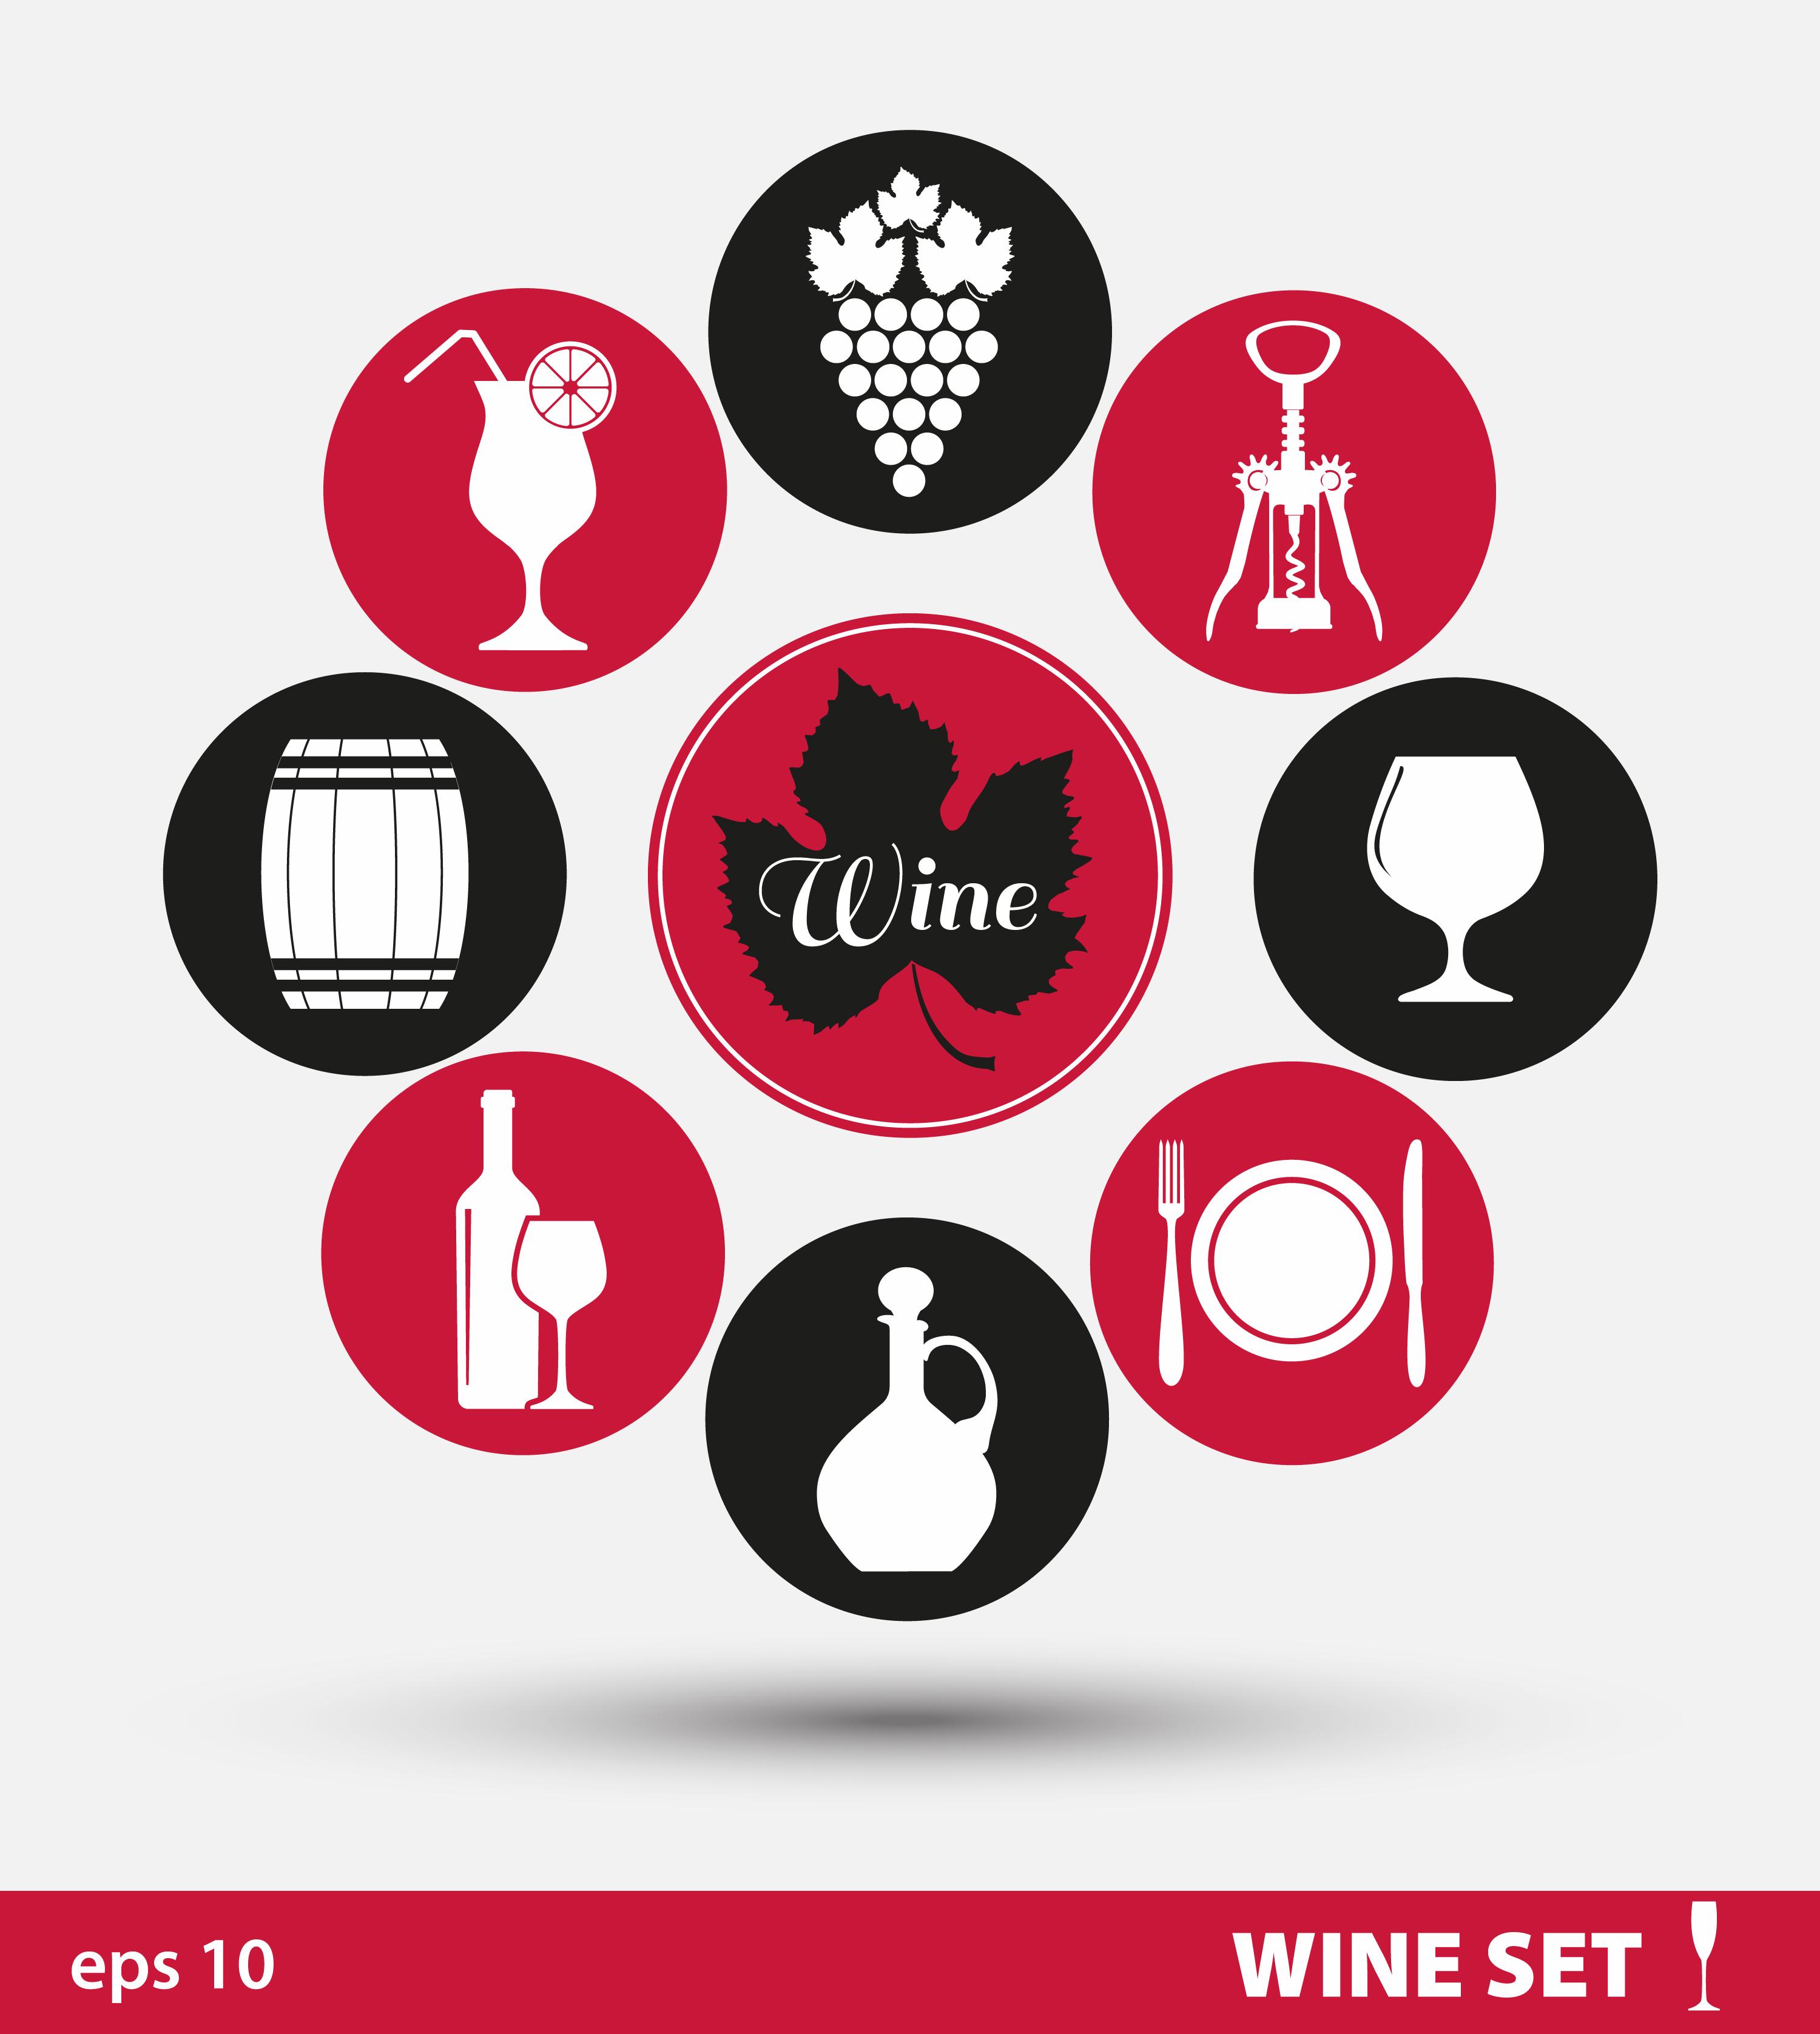 Wine set of icons Photoshop brush